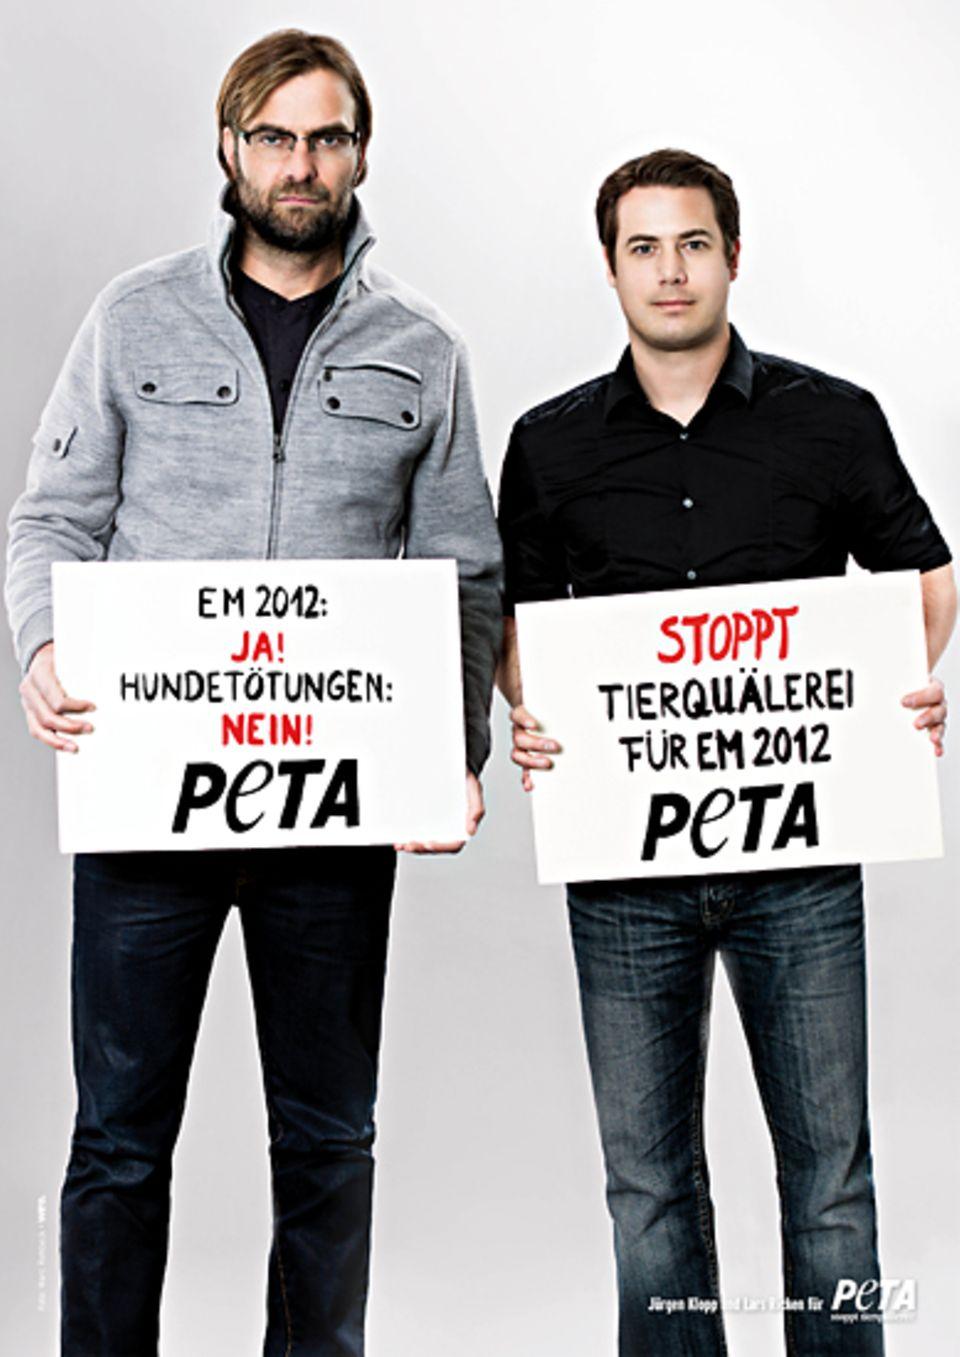 Jürgen Klopp und Lars Ricken protestieren gegen die Hundetötungen in der Ukraine.